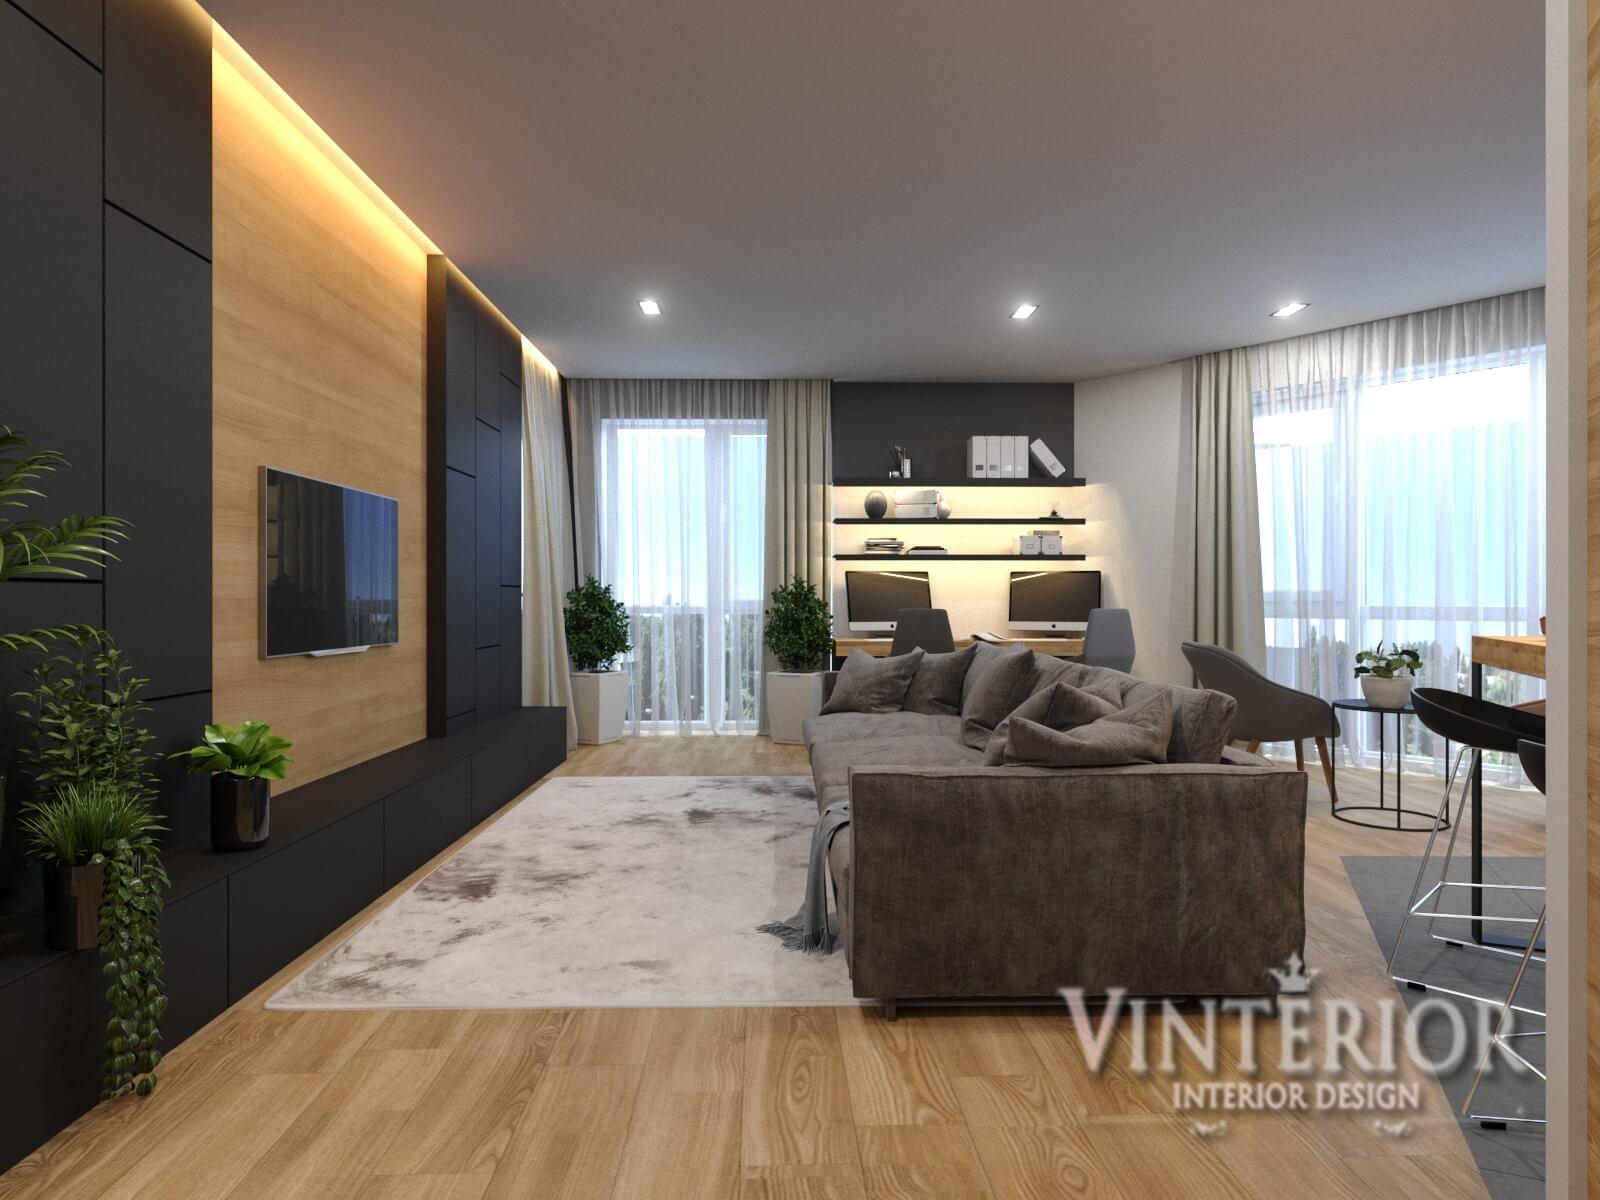 Квартира 3-х комнатная, ЖК «Квартет», г. Киев (2 вариант)